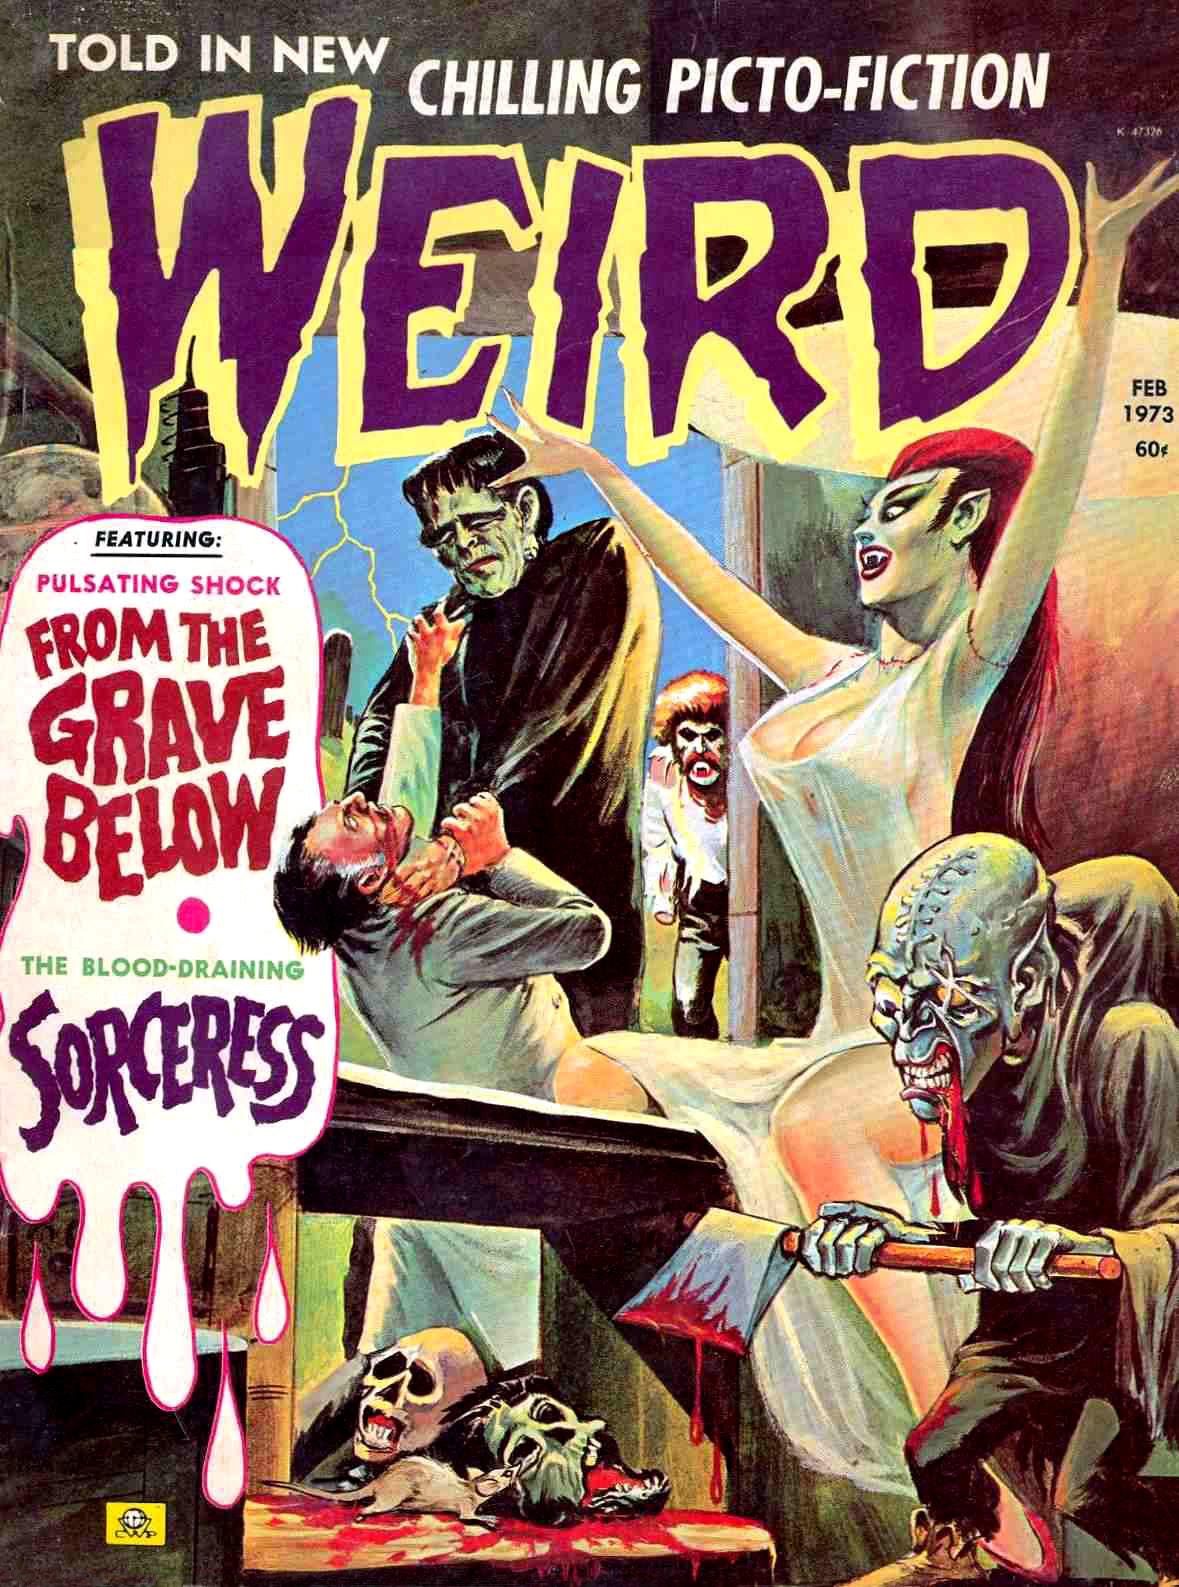 Weird Vol. 07 #1 (Eerie Publications, 1973)